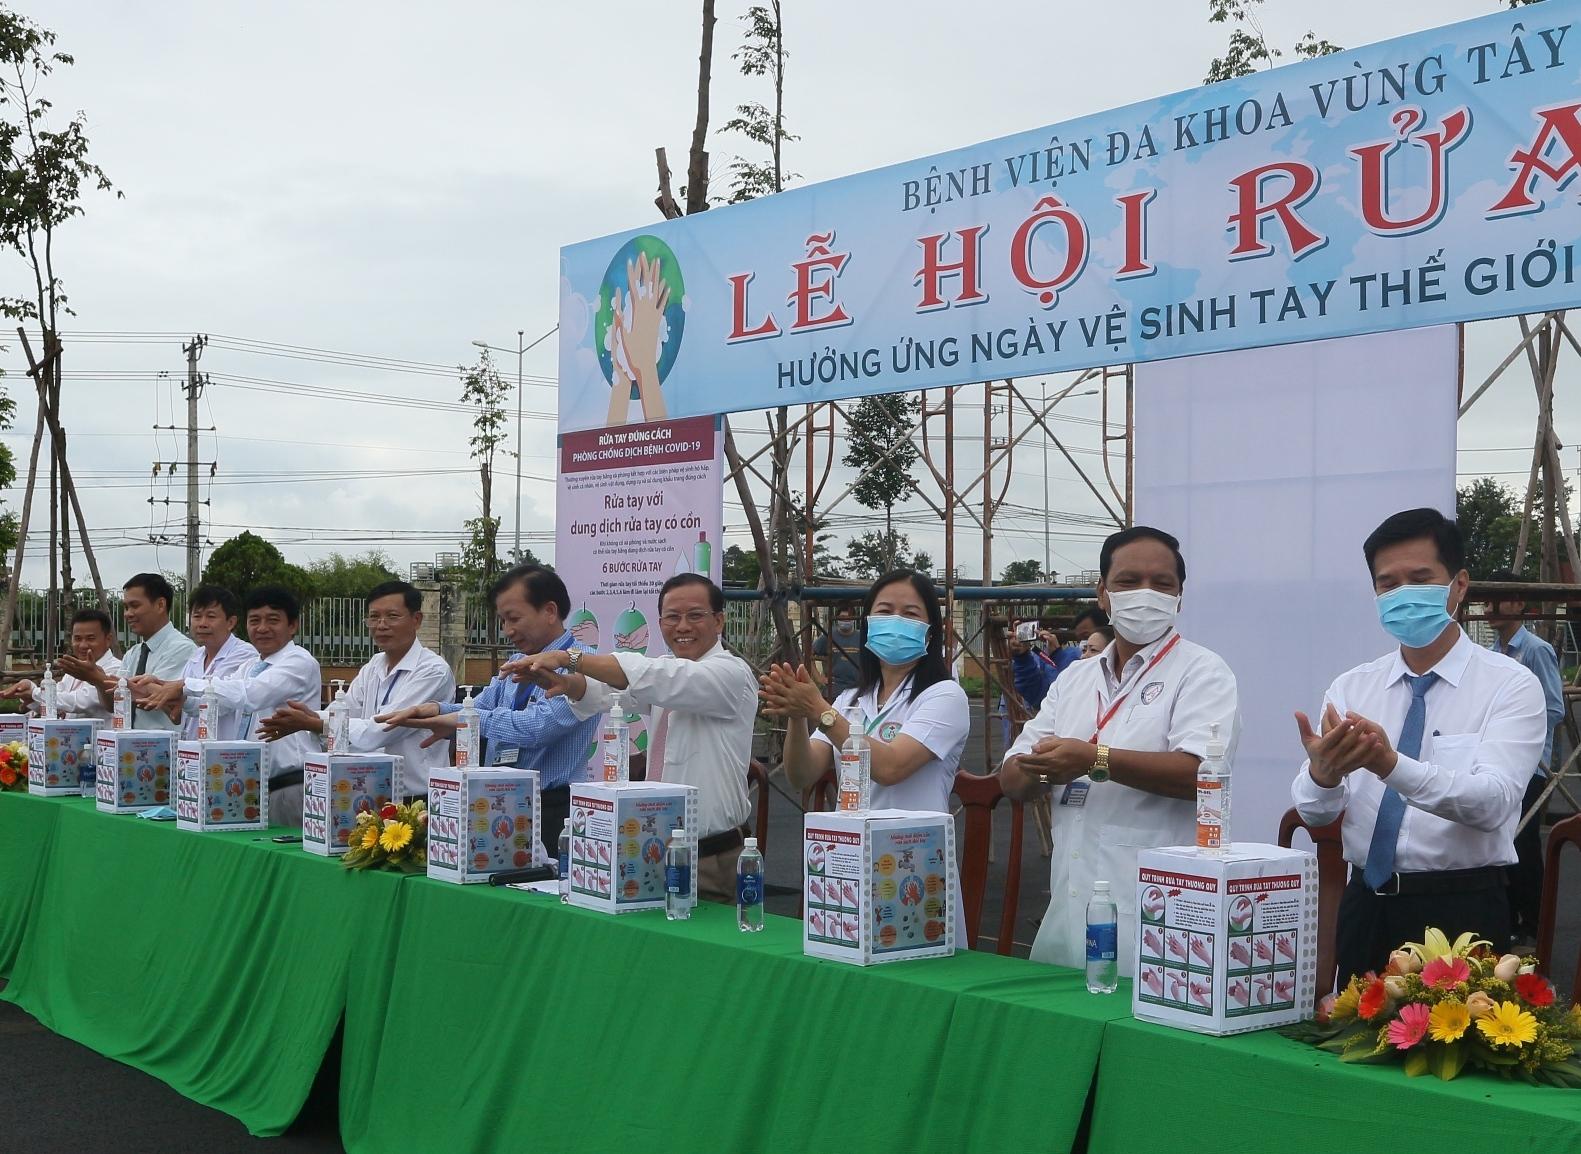 Bệnh viện đa khoa vùng Tây Nguyên tổ chức Lễ hội rửa tay năm 2020